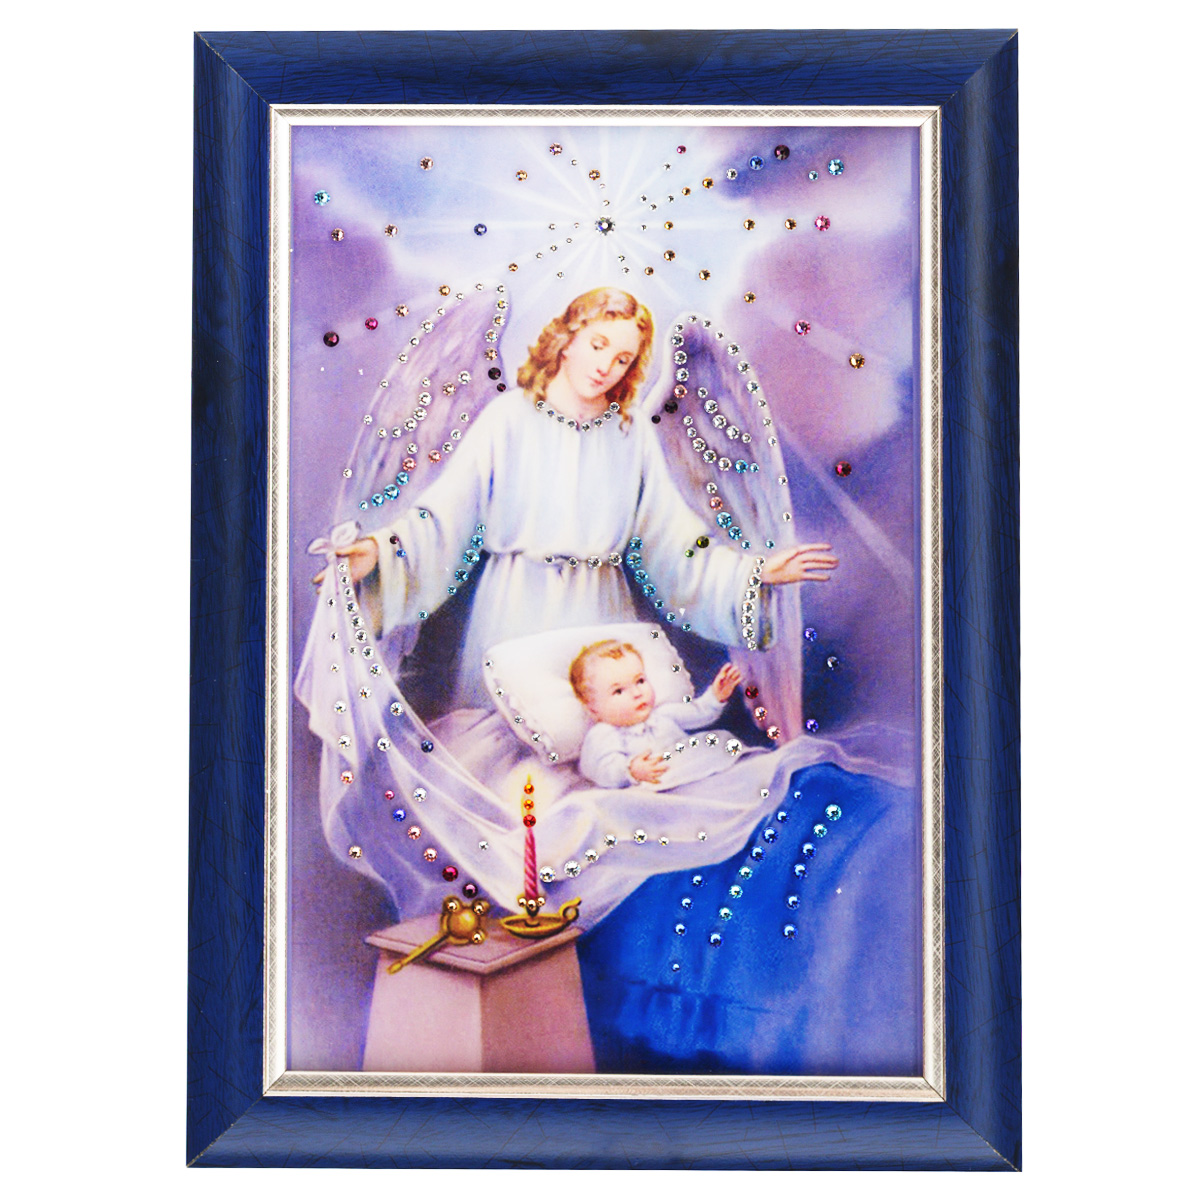 Картина с кристаллами Swarovski Ангел-защитник, 25 см х 35 смPM-4002Изящная картина в багетной раме, инкрустирована кристаллами Swarovski, которые отличаются четкой и ровной огранкой, ярким блеском и чистотой цвета. Красочное изображение ангелочка и ребенка, расположенное под стеклом, прекрасно дополняет блеск кристаллов. С обратной стороны имеется металлическая проволока для размещения картины на стене. Картина с кристаллами Swarovski Ангел-защитник элегантно украсит интерьер дома или офиса, а также станет прекрасным подарком, который обязательно понравится получателю. Блеск кристаллов в интерьере, что может быть сказочнее и удивительнее. Картина упакована в подарочную картонную коробку синего цвета и комплектуется сертификатом соответствия Swarovski.